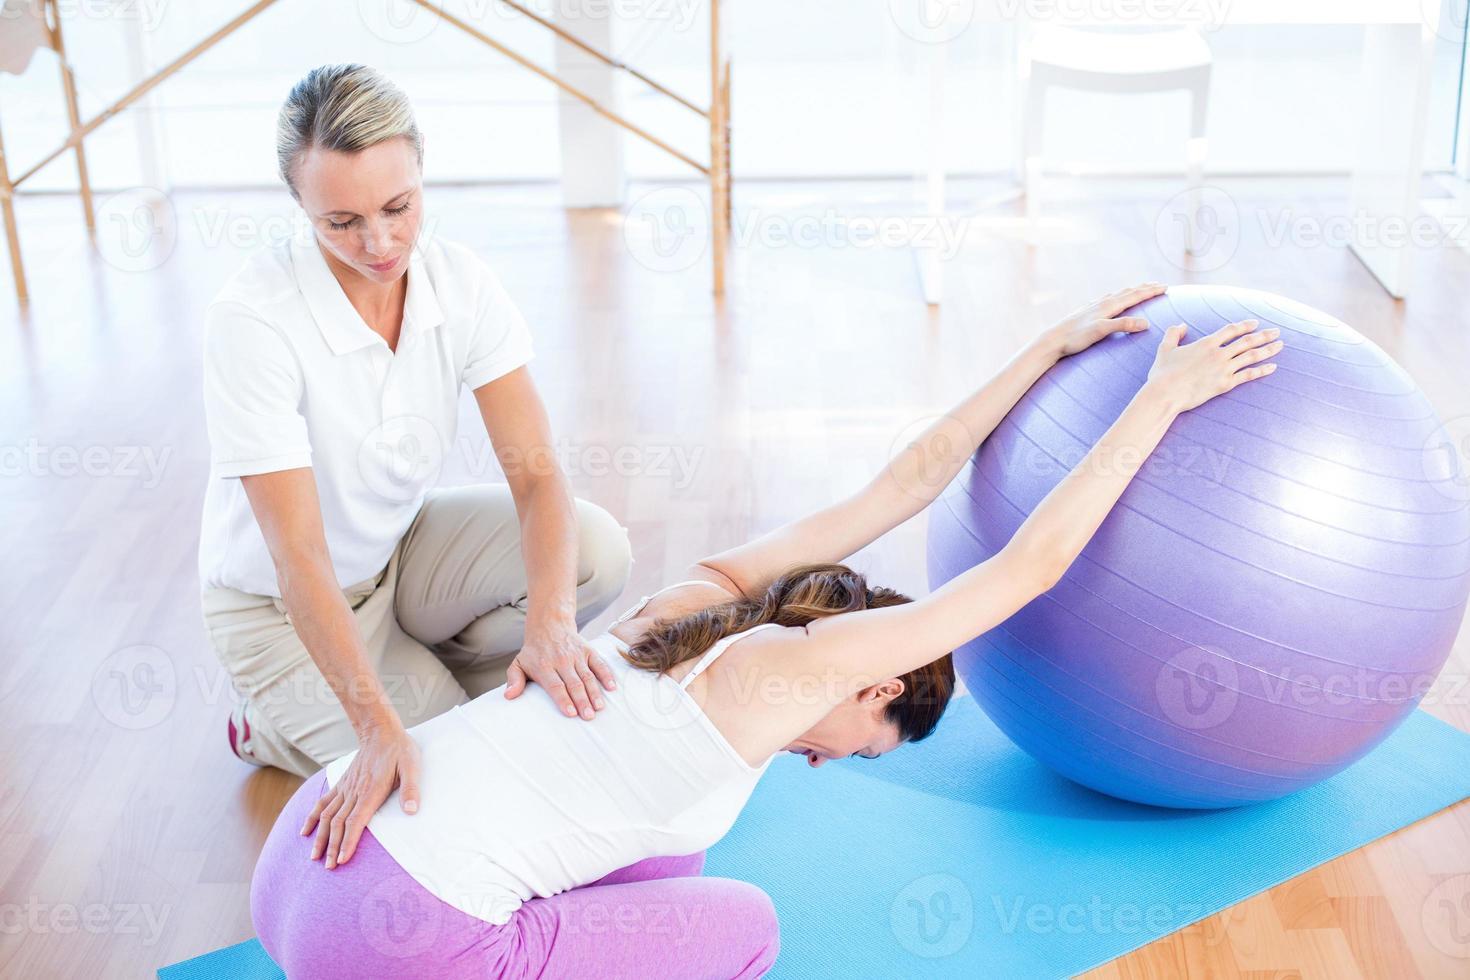 treinador, ajudando a mulher com bola de exercício foto